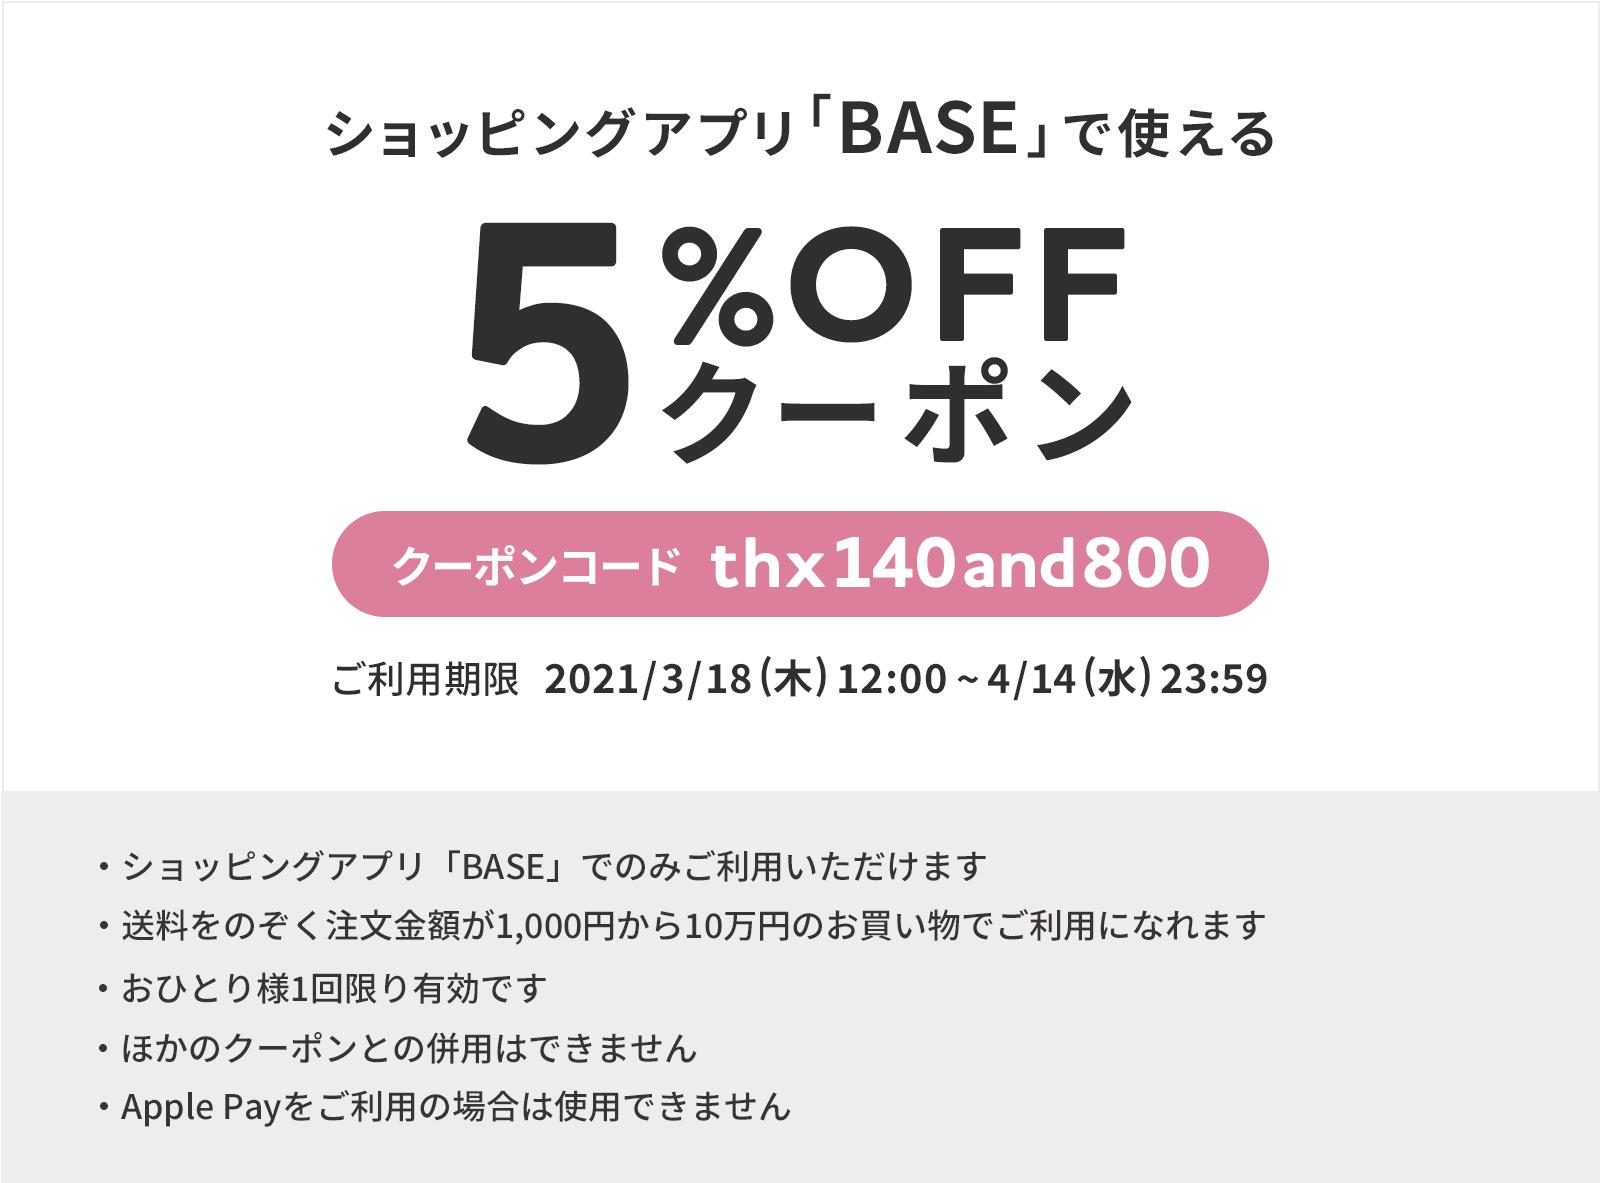 3月26日 BASEアプリで5%OFFクーポン出ています